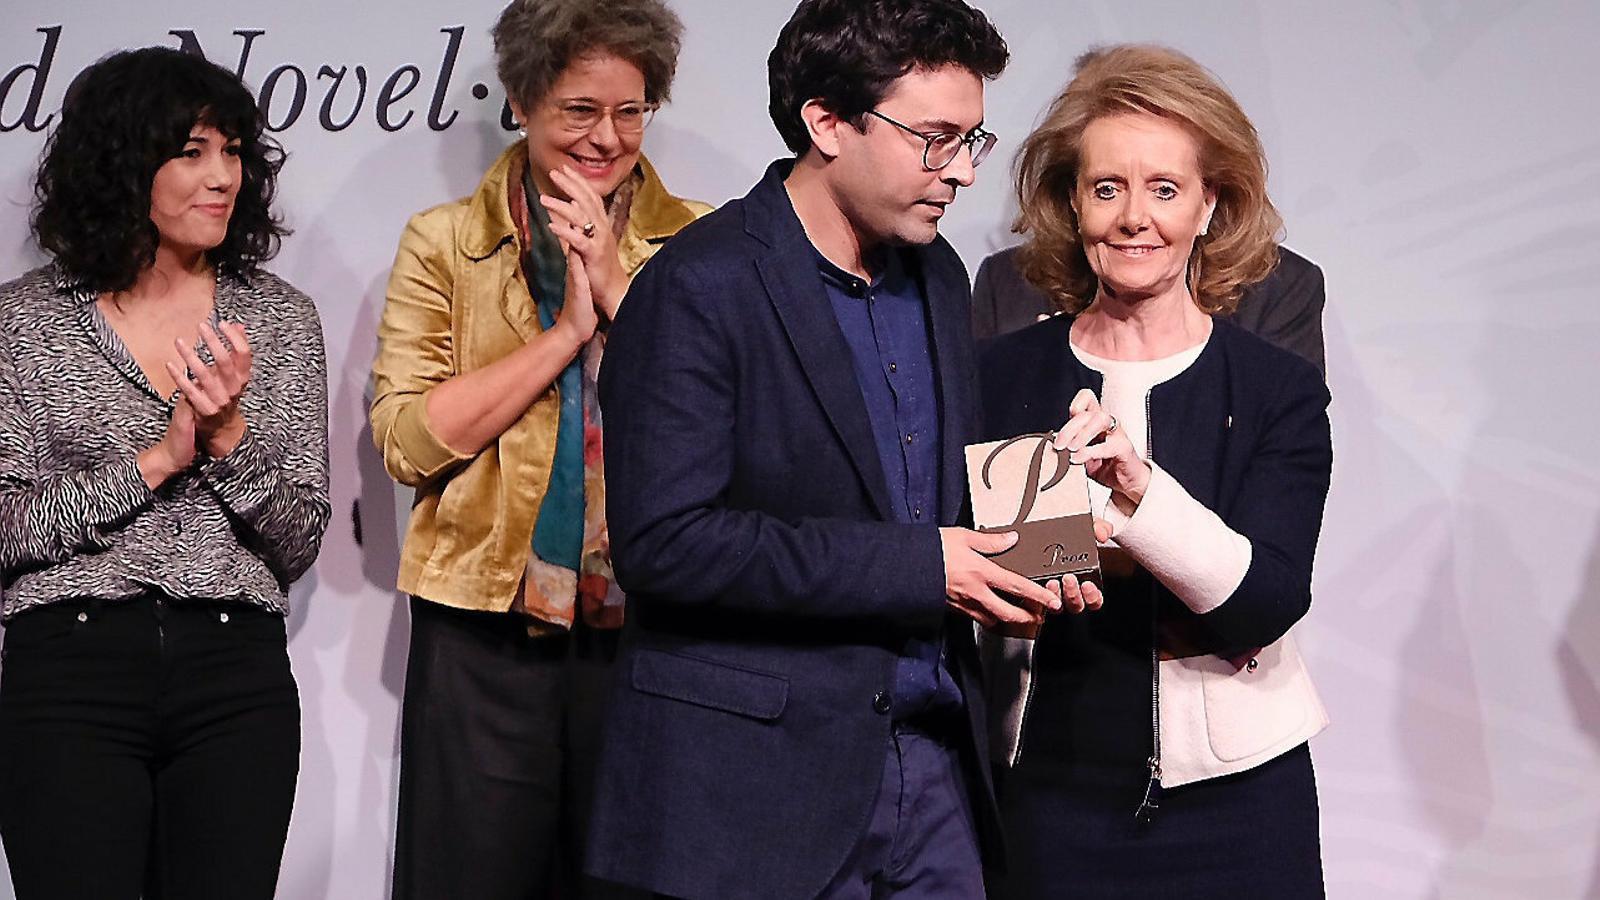 La consellera de Cultura, Mariàngela Vilallonga, lliurant el primer Premi Proa de Novel·la a Jordi Nopca ahir a la Fundació Tàpies.